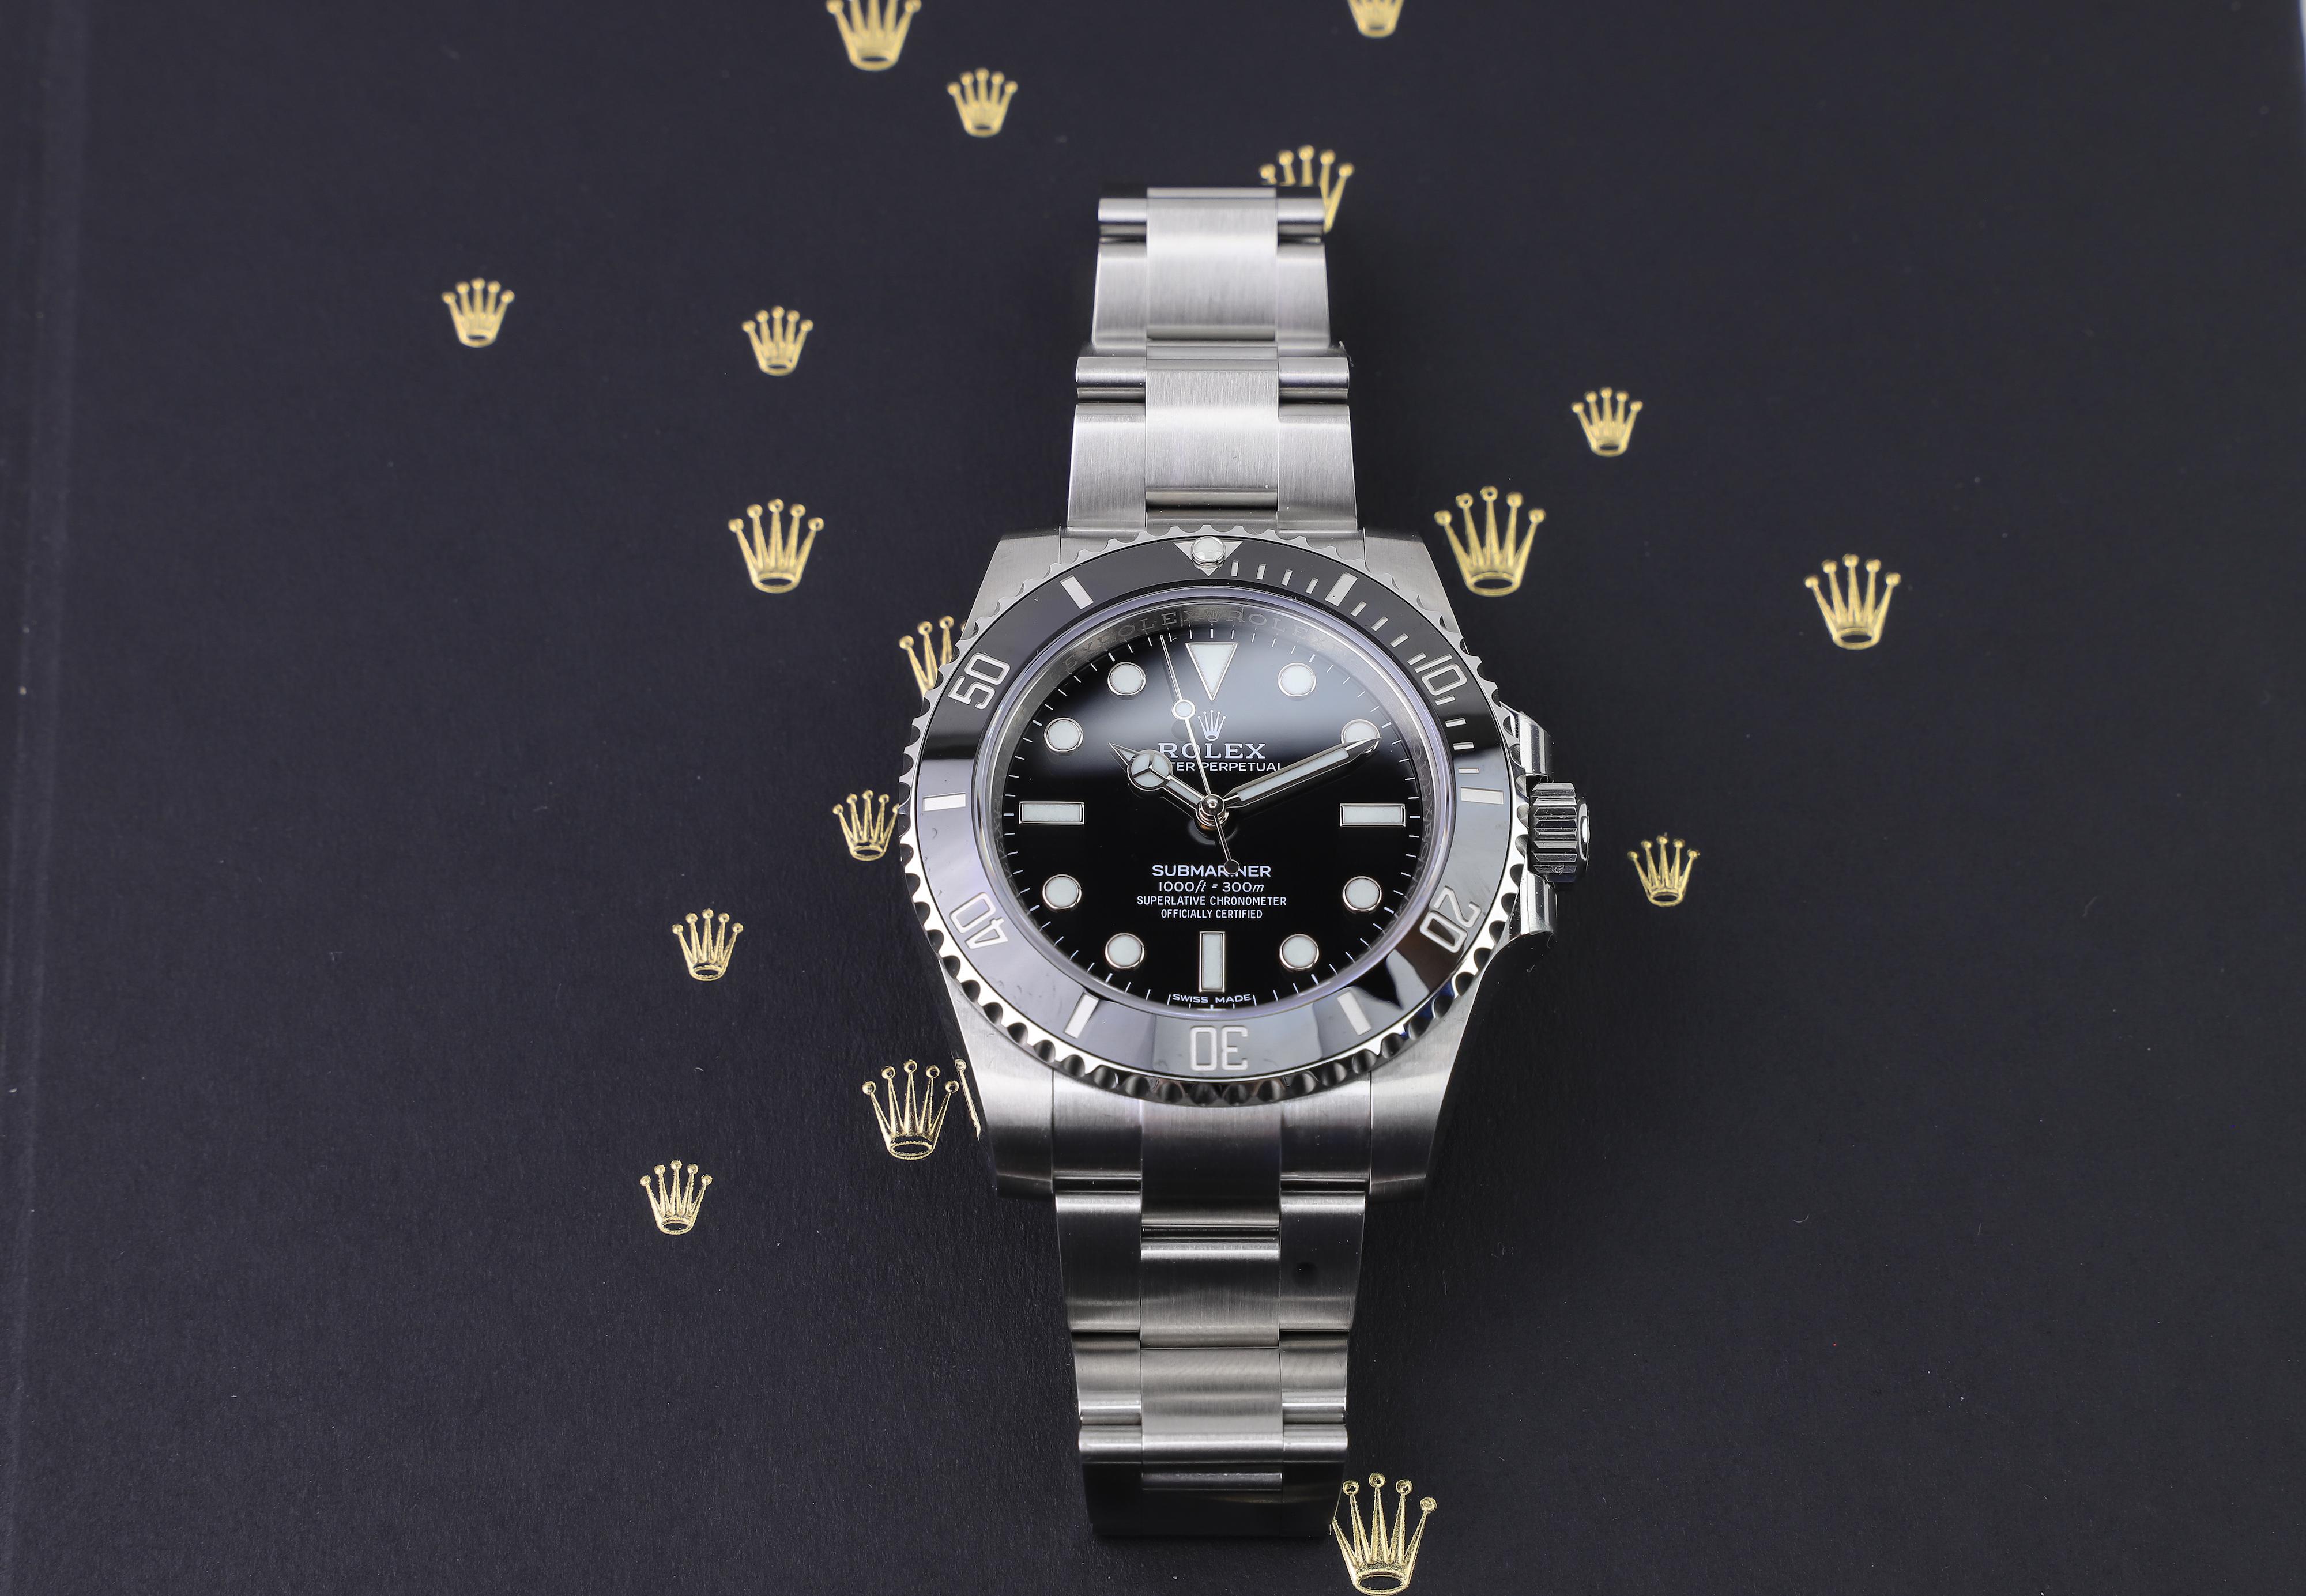 Rolex dating serienummerchampagne JSG dating